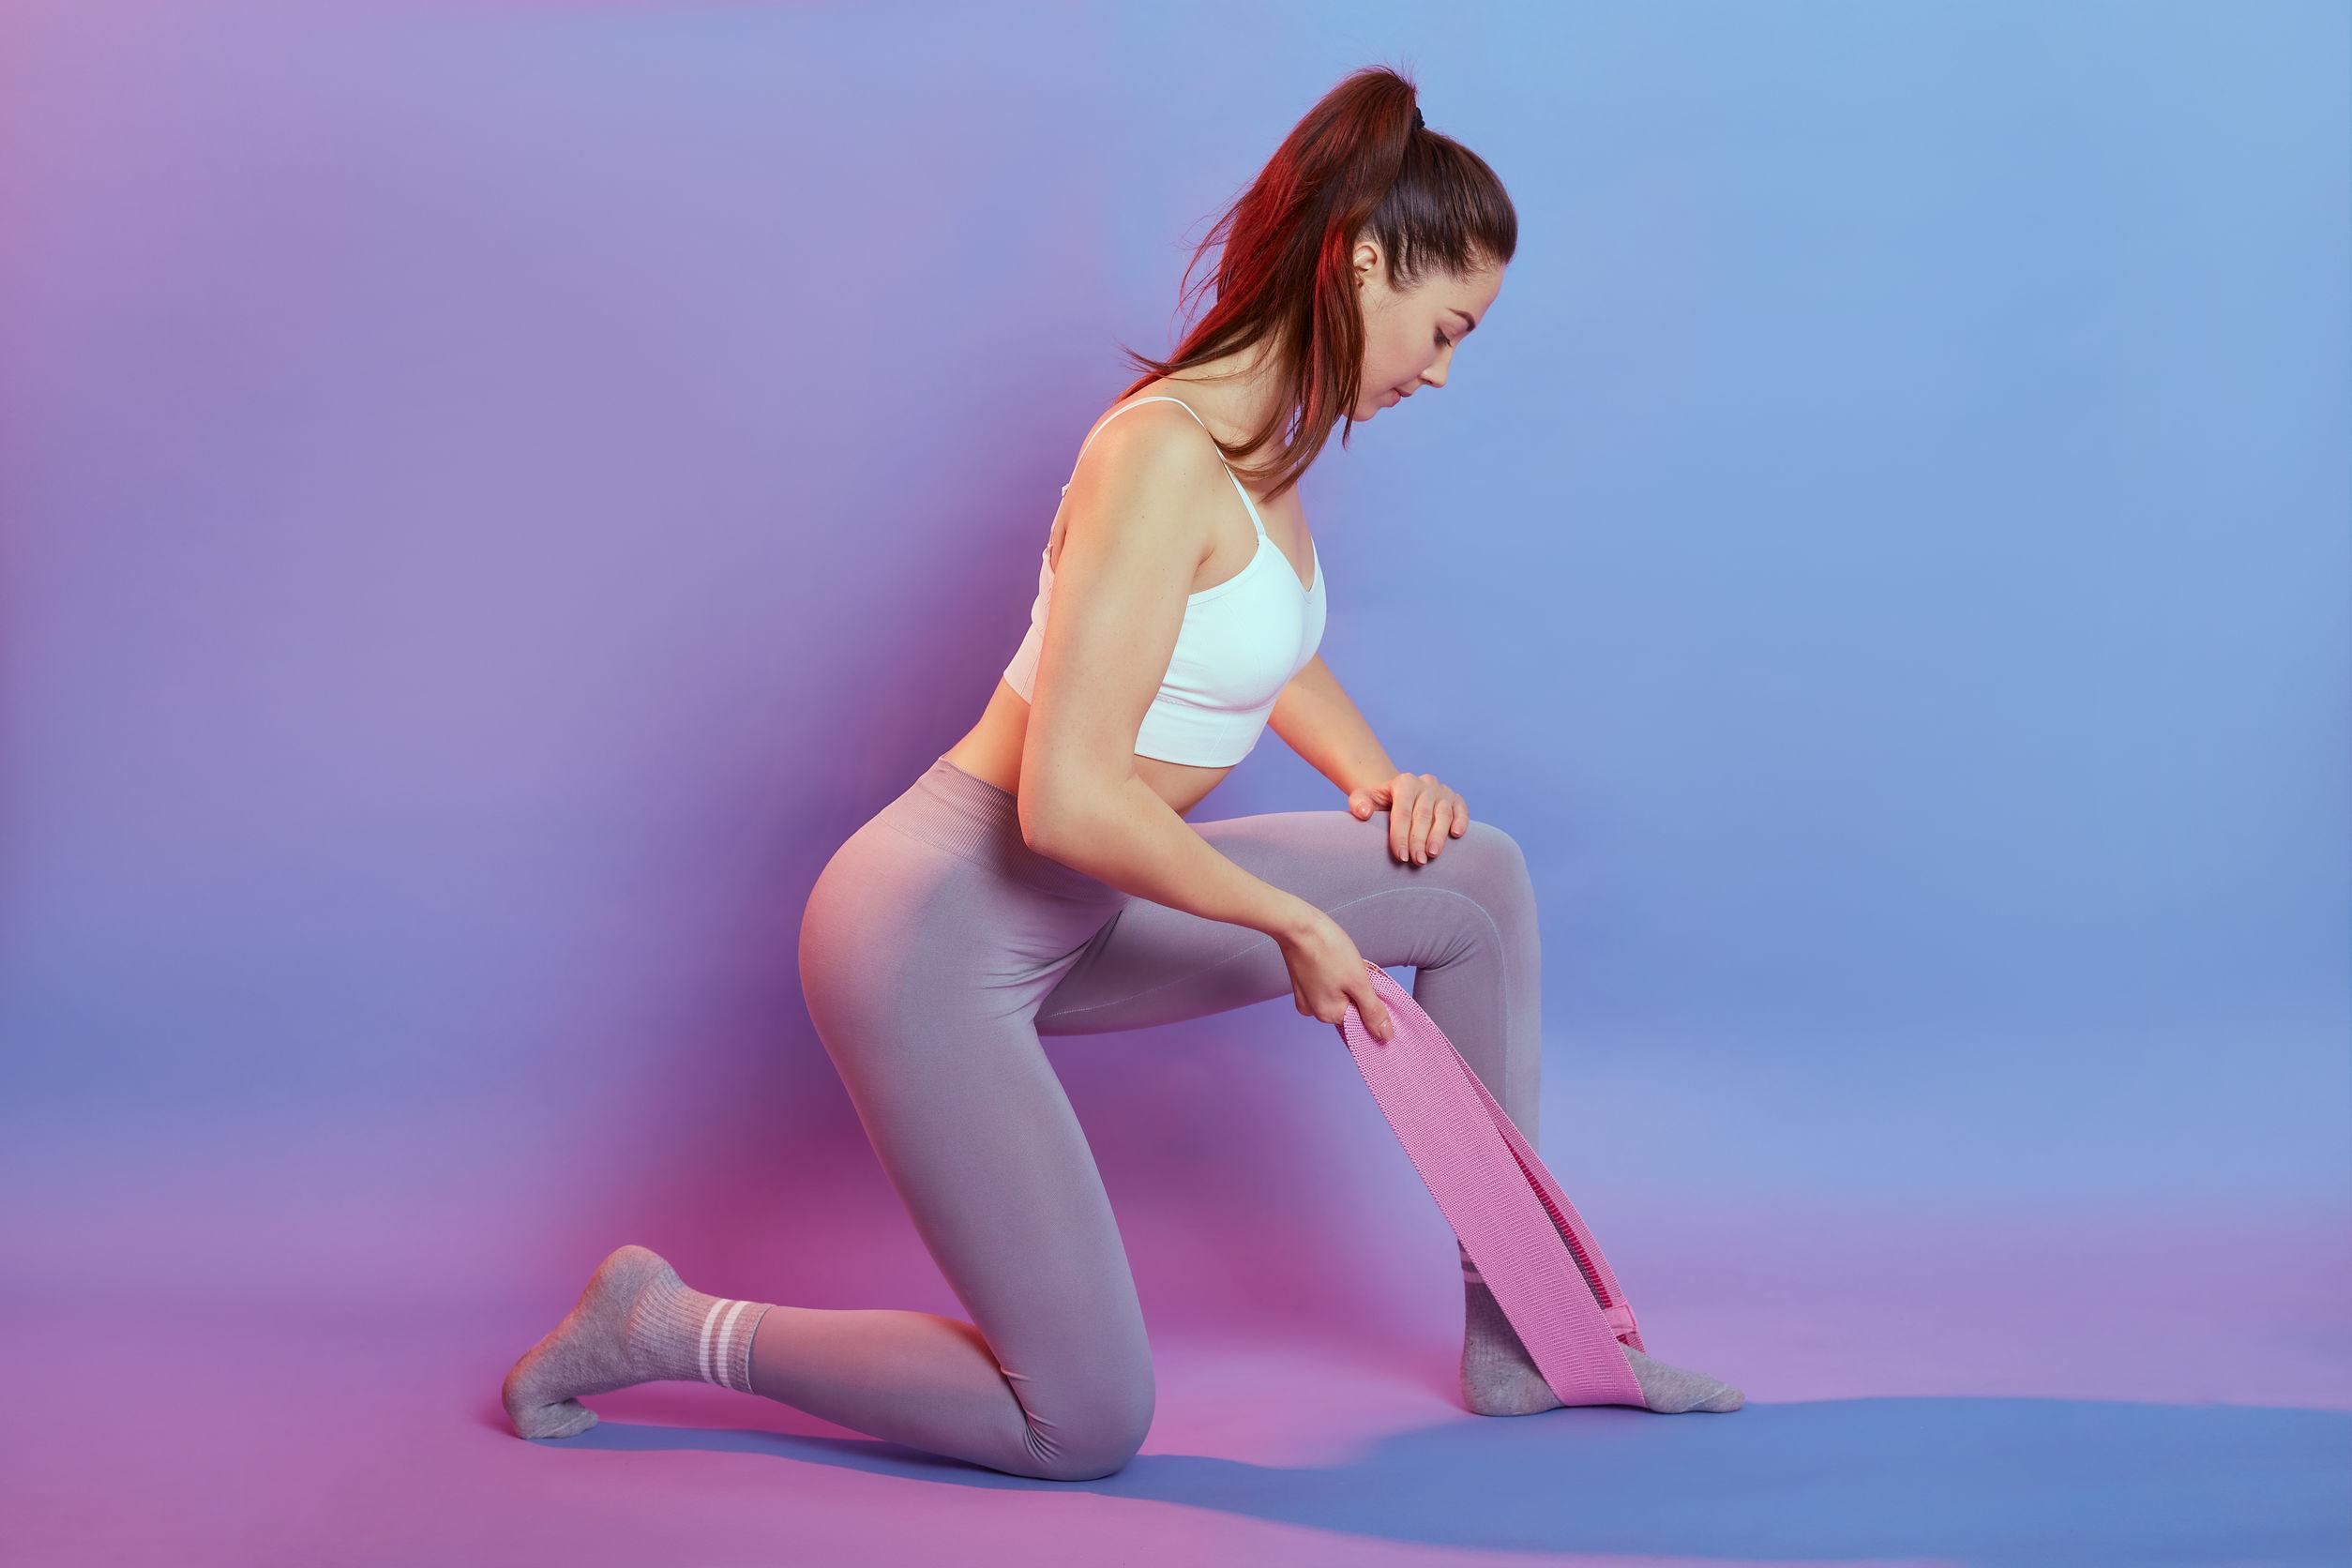 Mulher com roupa fitness realizando exercício com mini band